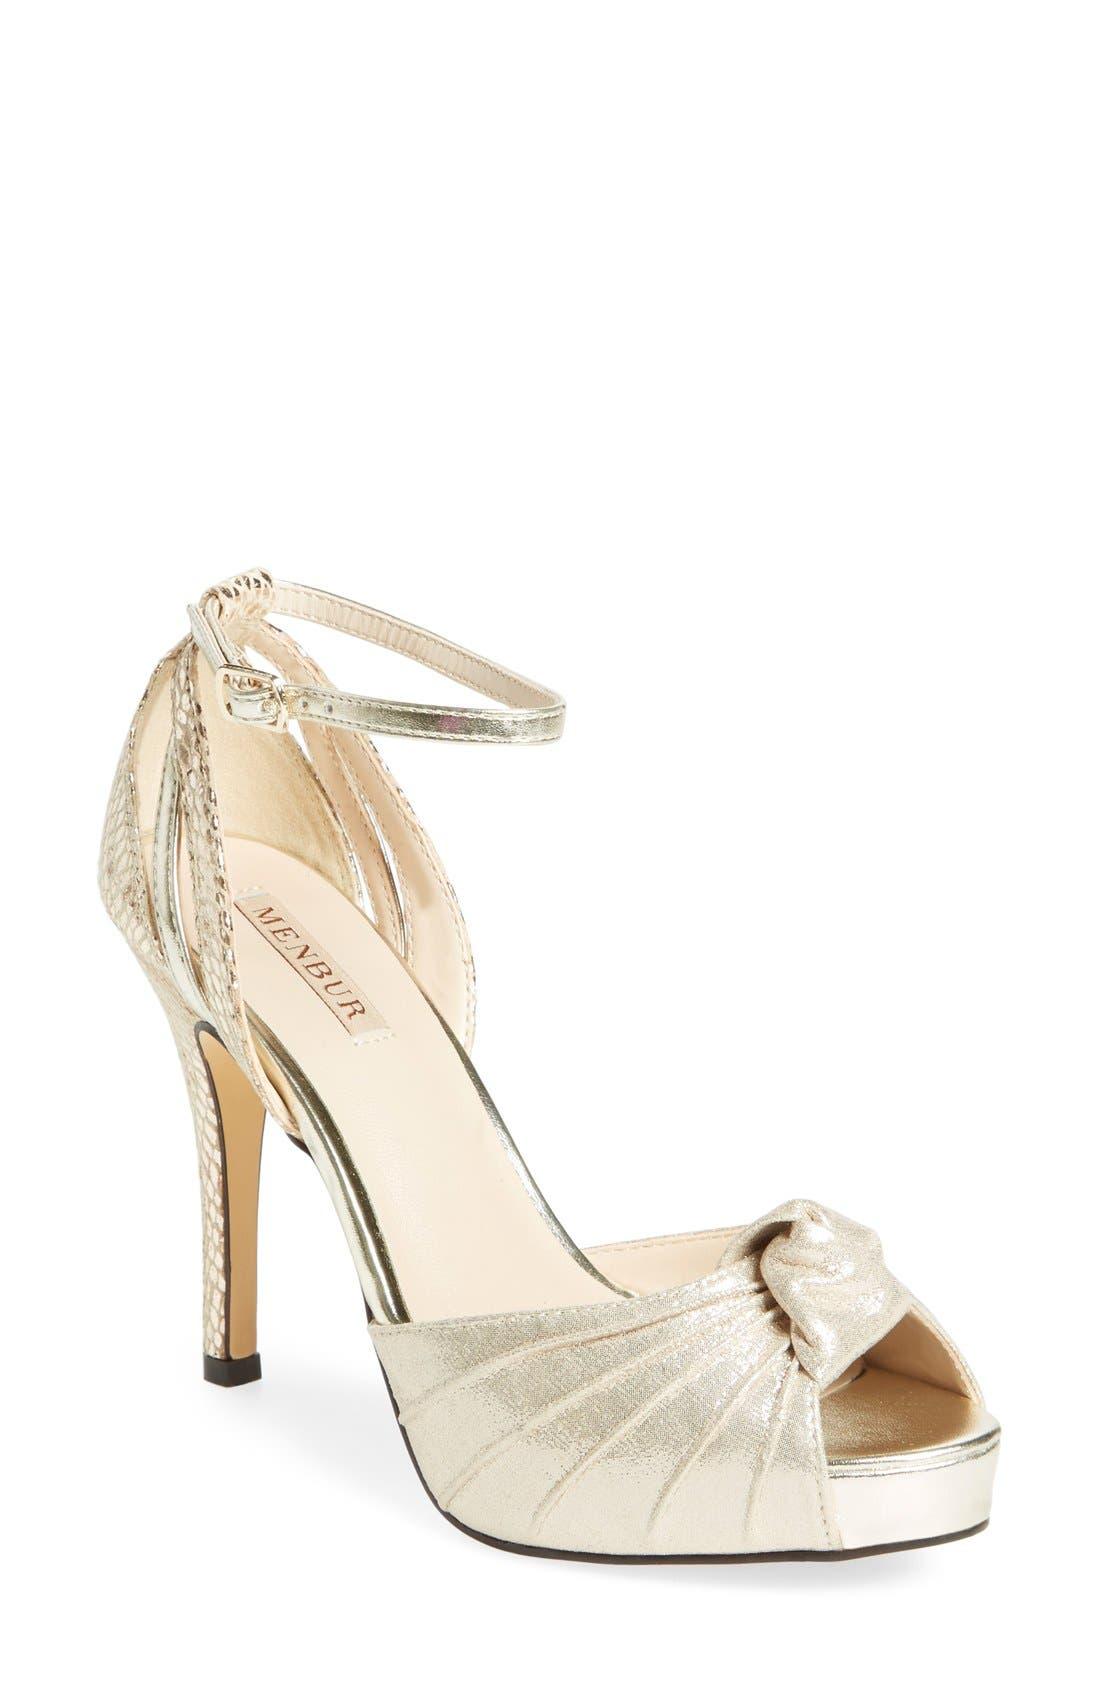 MENBUR 'Aguilera' Platform Peep Toe Sandal